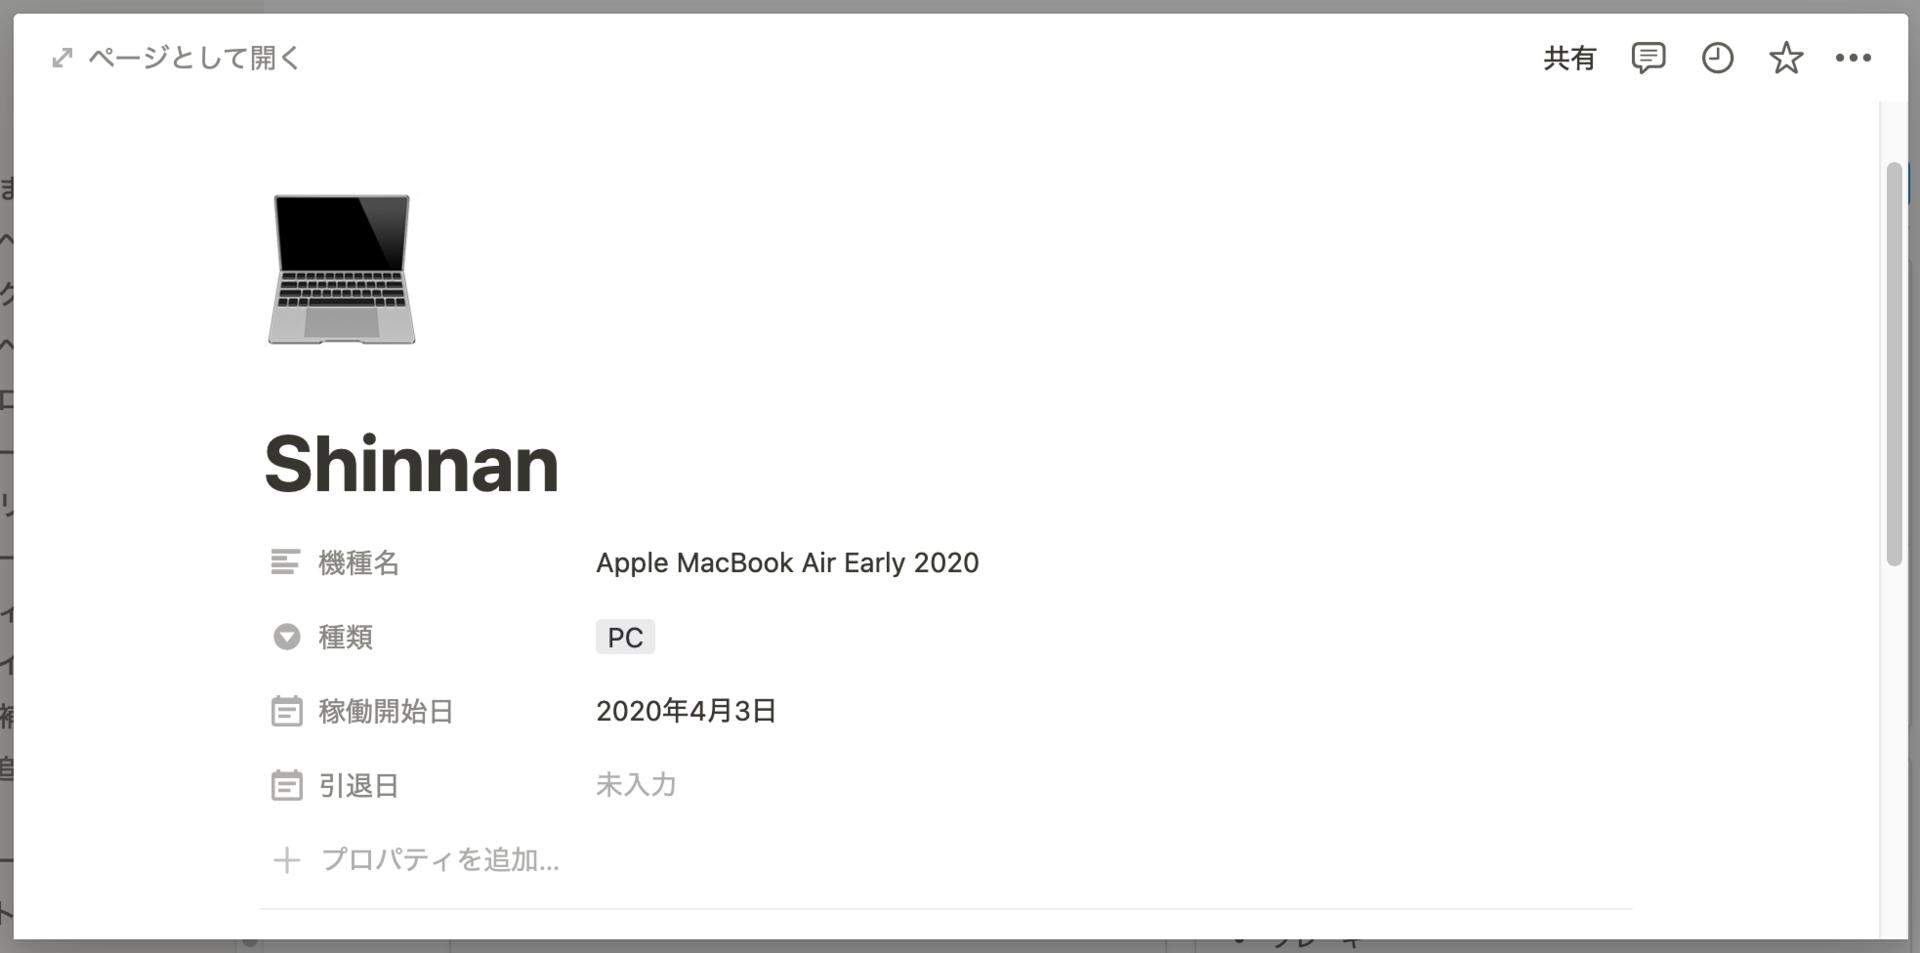 f:id:aokashi:20211013211641p:plain